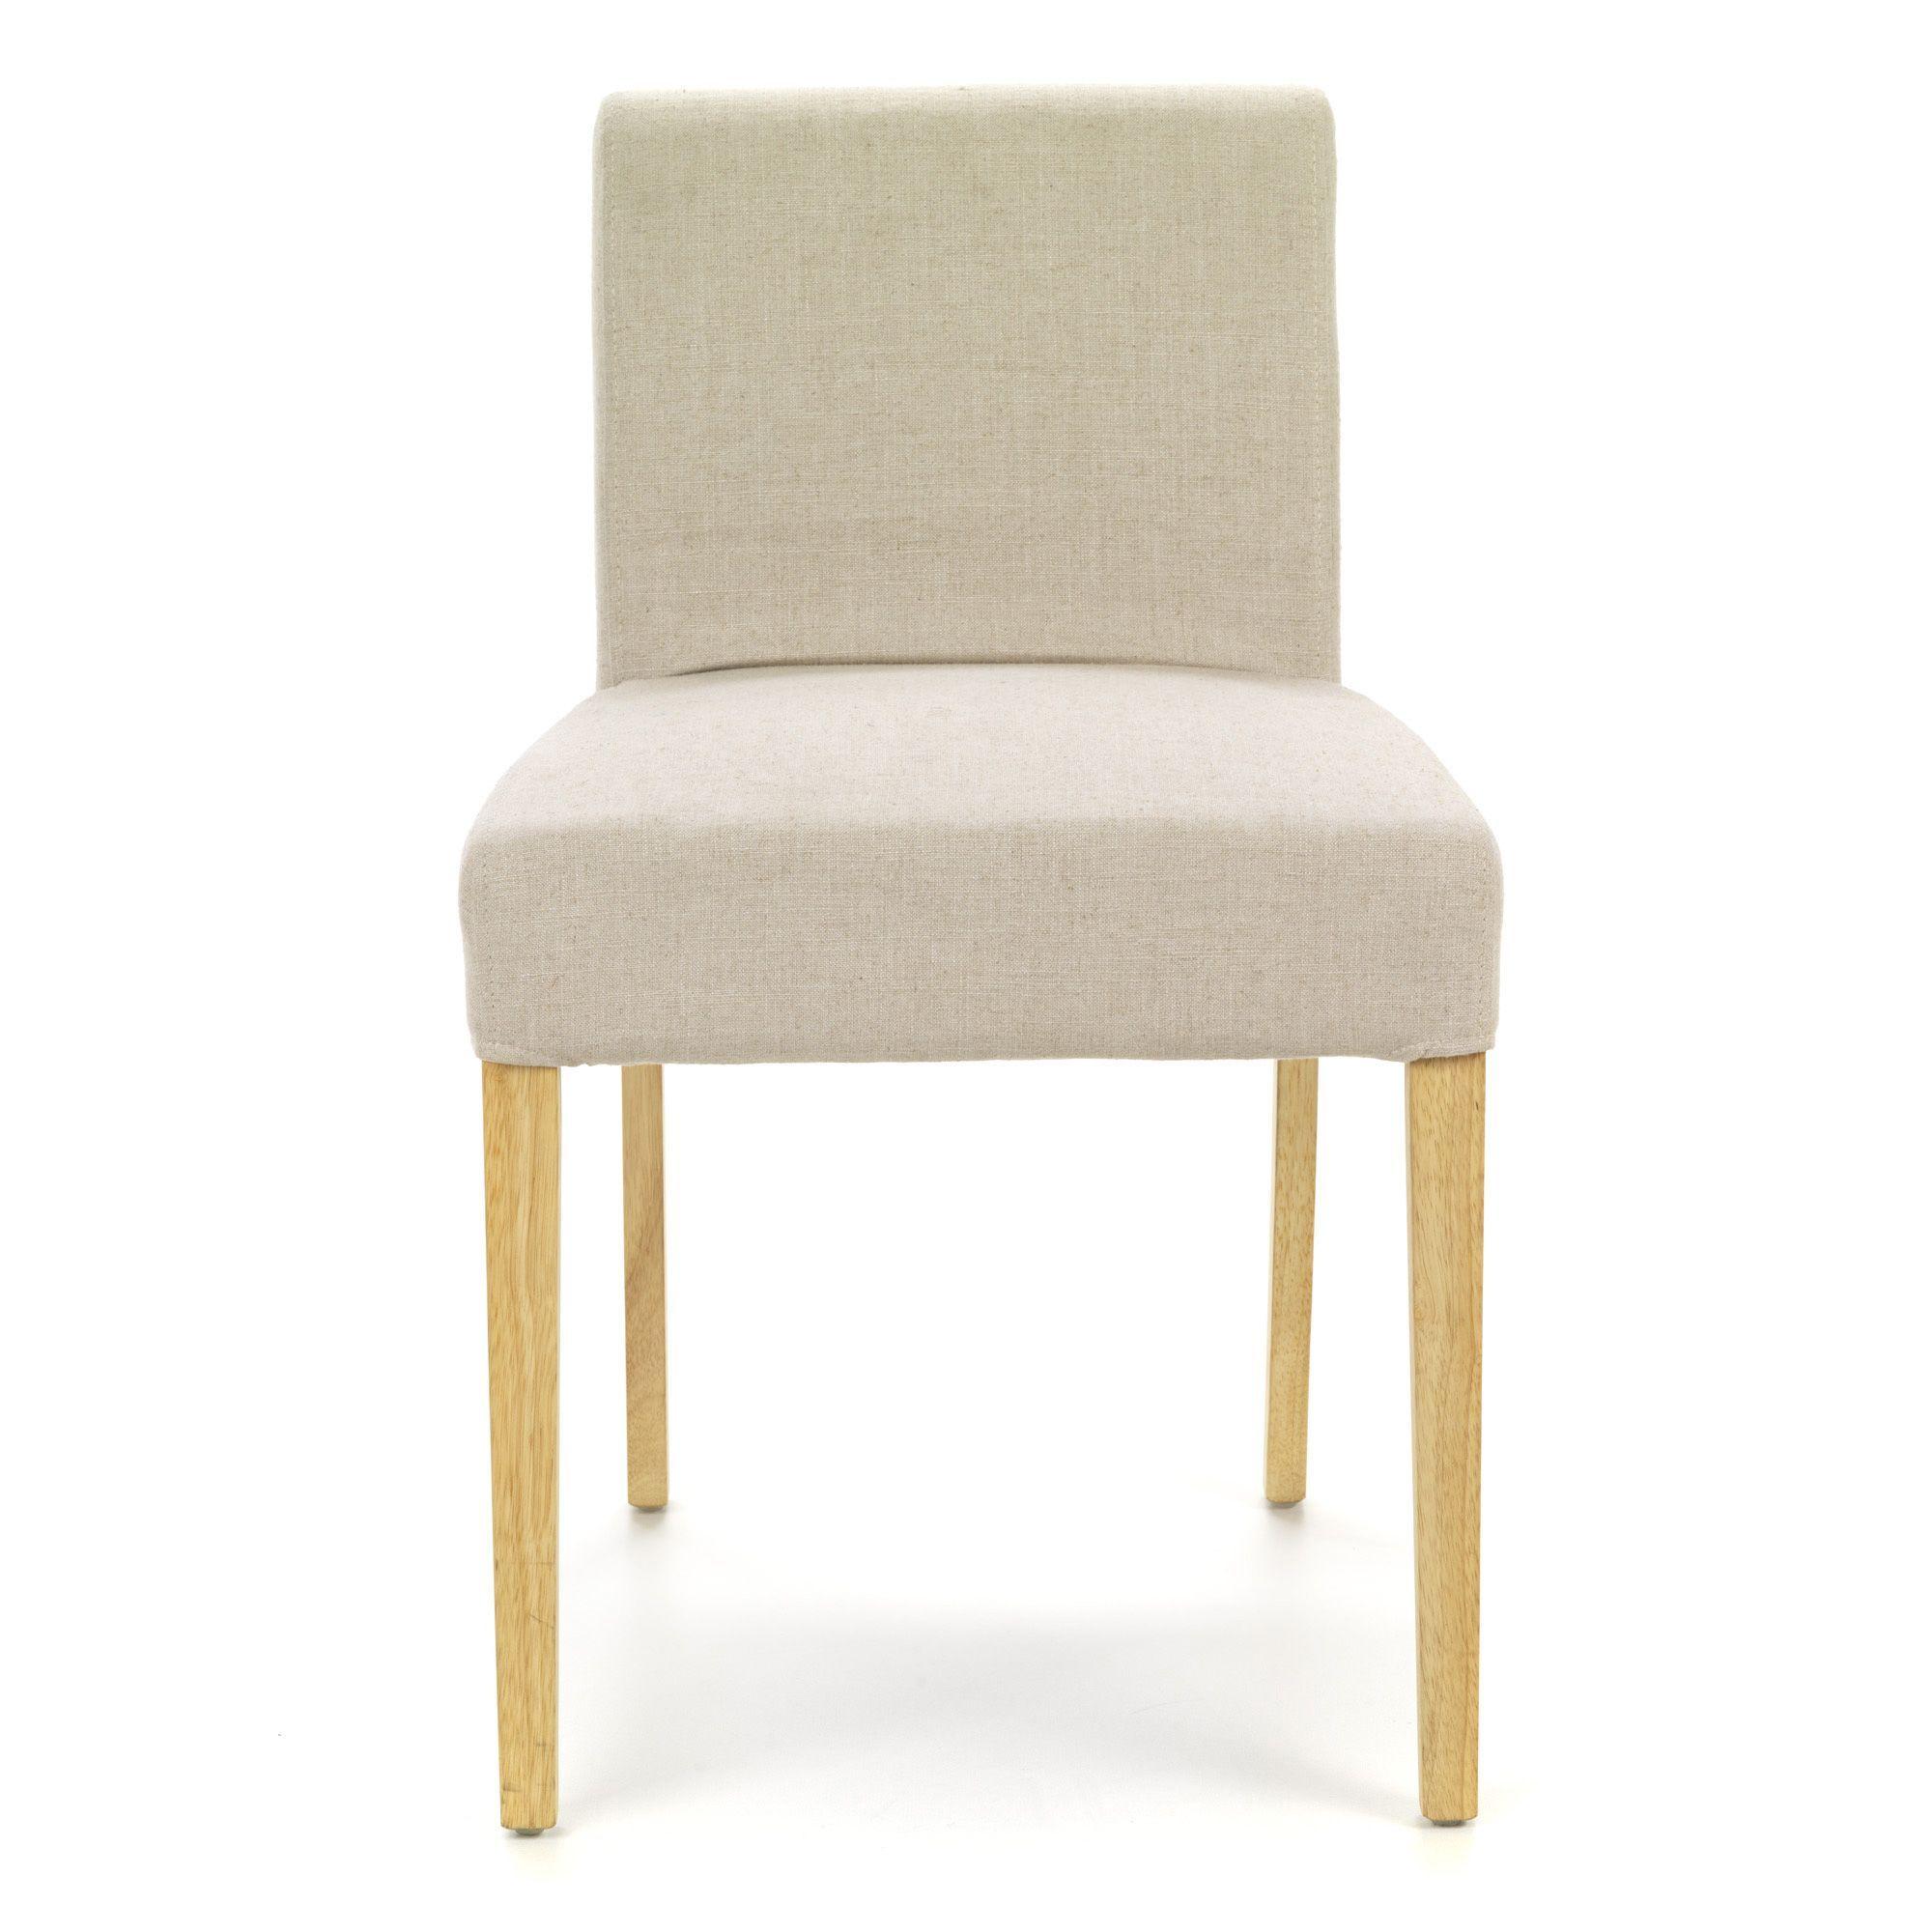 Housse de chaise Beige - Meryl - Chaises - Tables et chaises - Salon ...